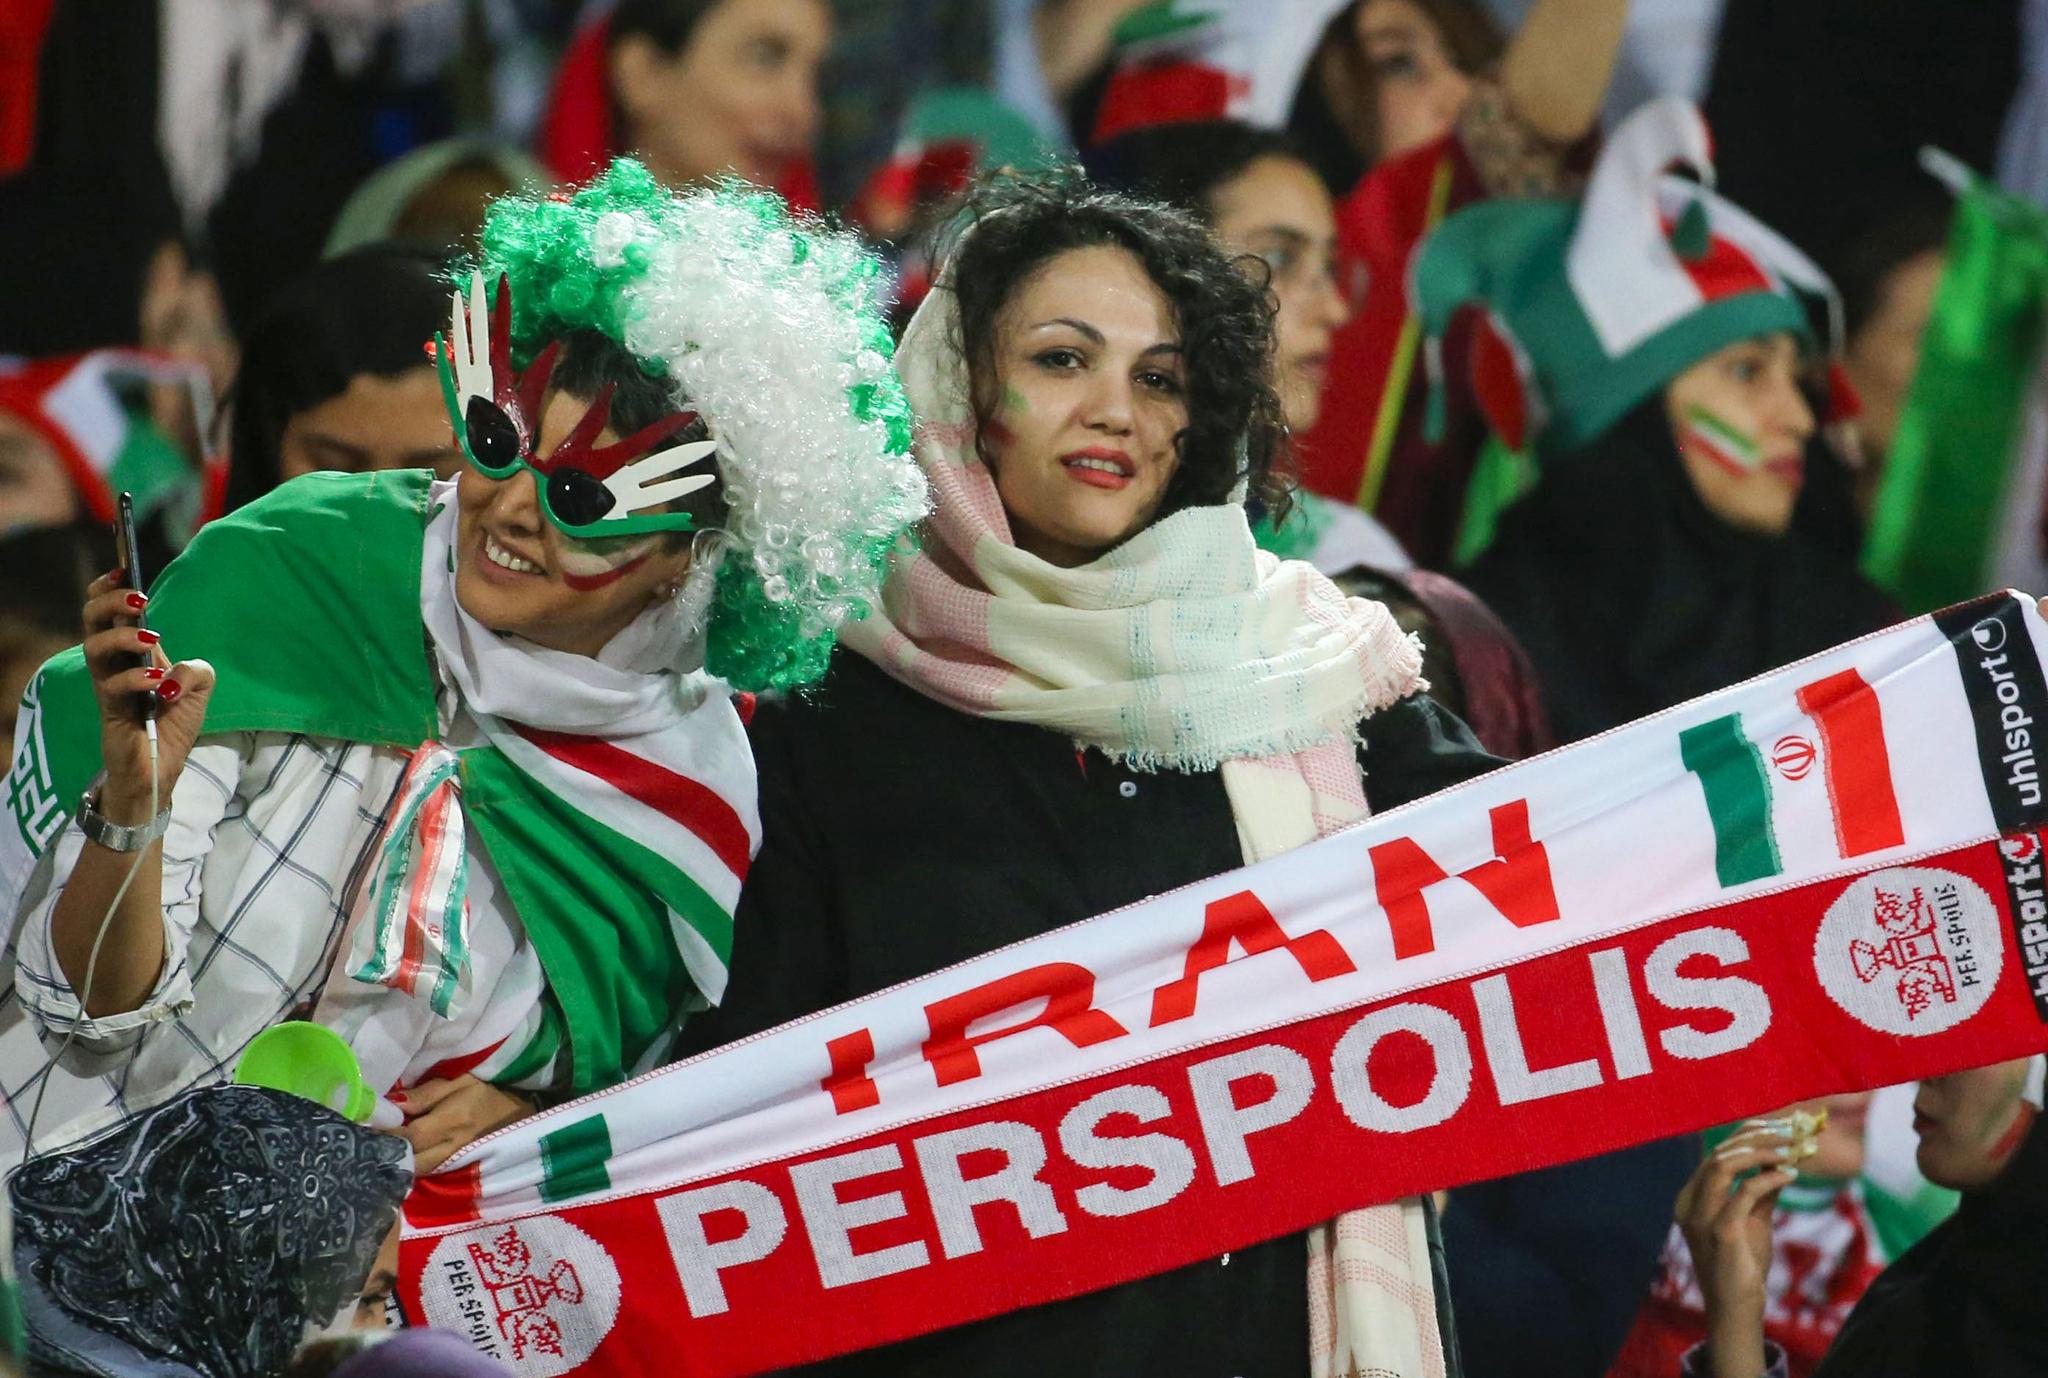 이란 여성들이 38년 만에 축구장에 입장했다. 11일 이란 테헤란의 아자디스타디움에서 열린 월드컵 2차예선을 찾은 여성관중들이 열띤 응원을 펼치고 있다. [AFP=연합뉴스]